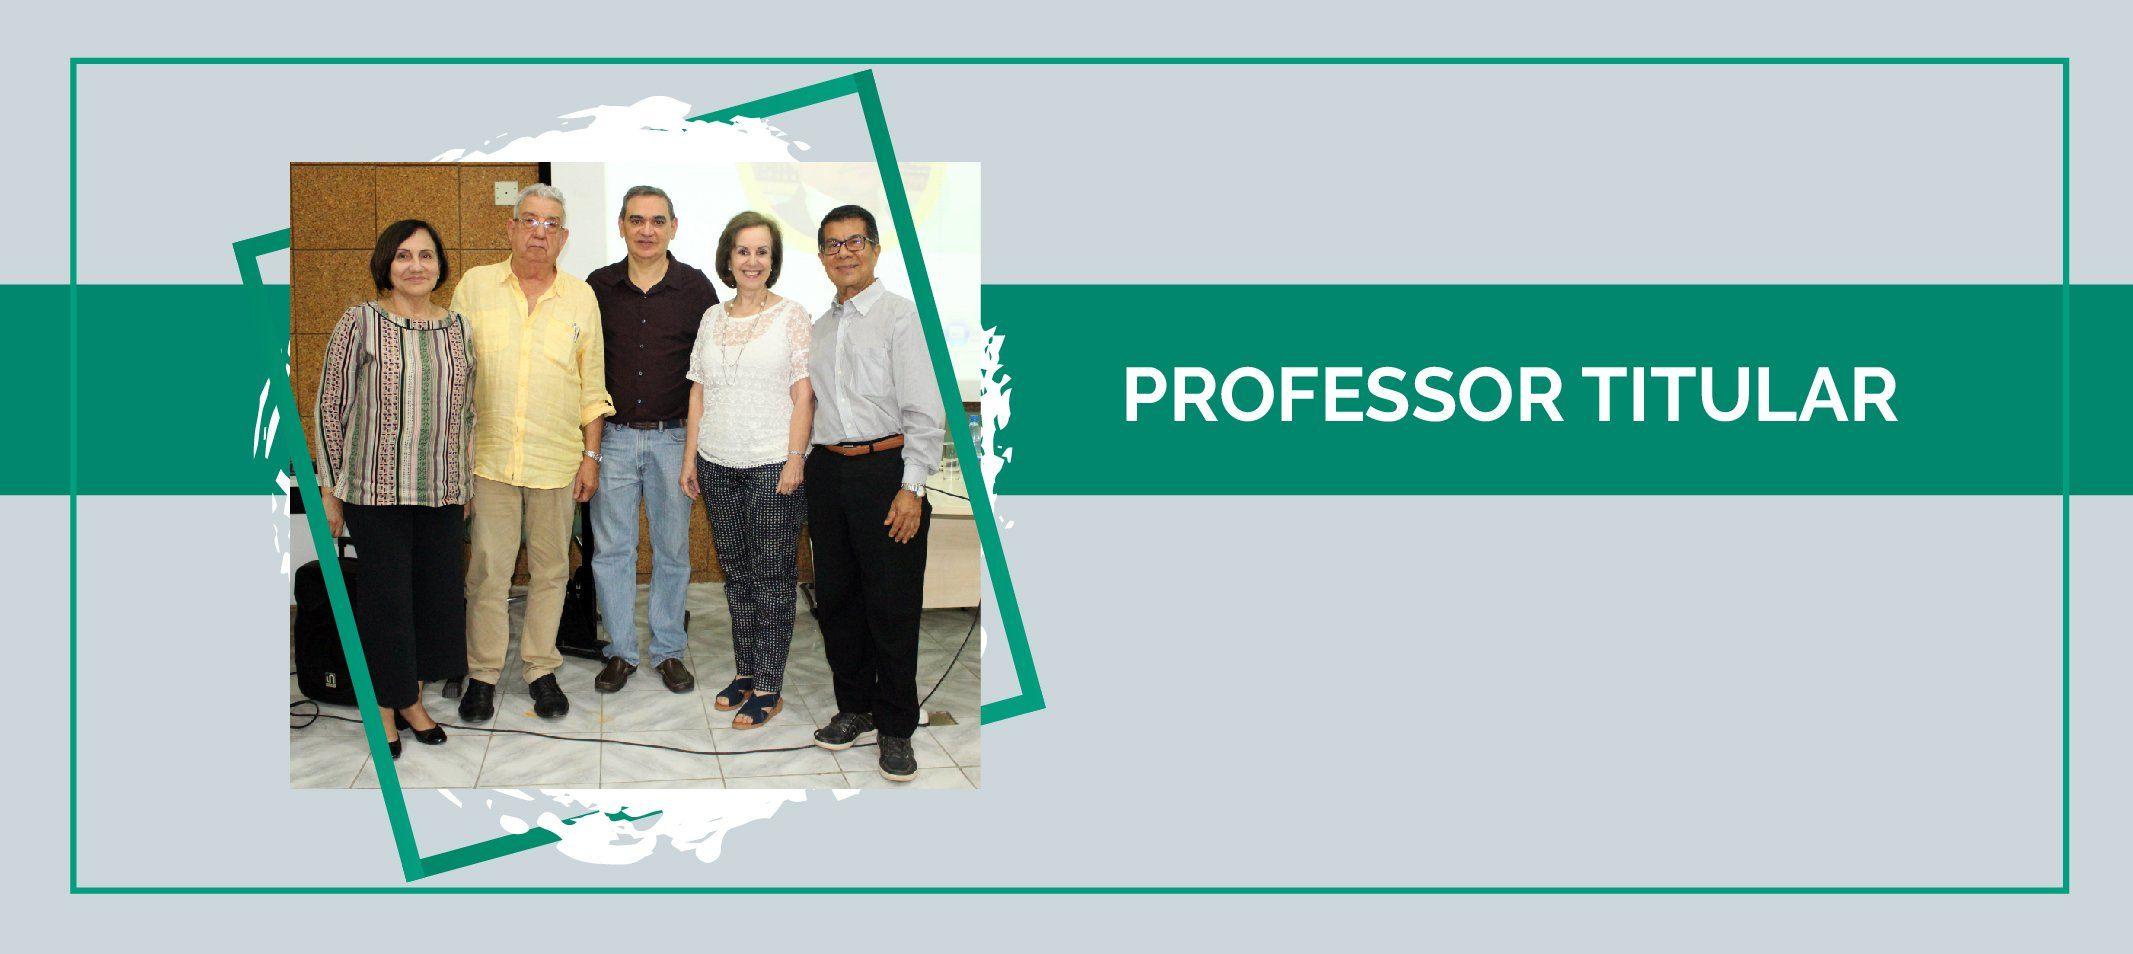 Luís Balkar Pinheiro defende Memorial Acadêmico e é promovido a professor titular